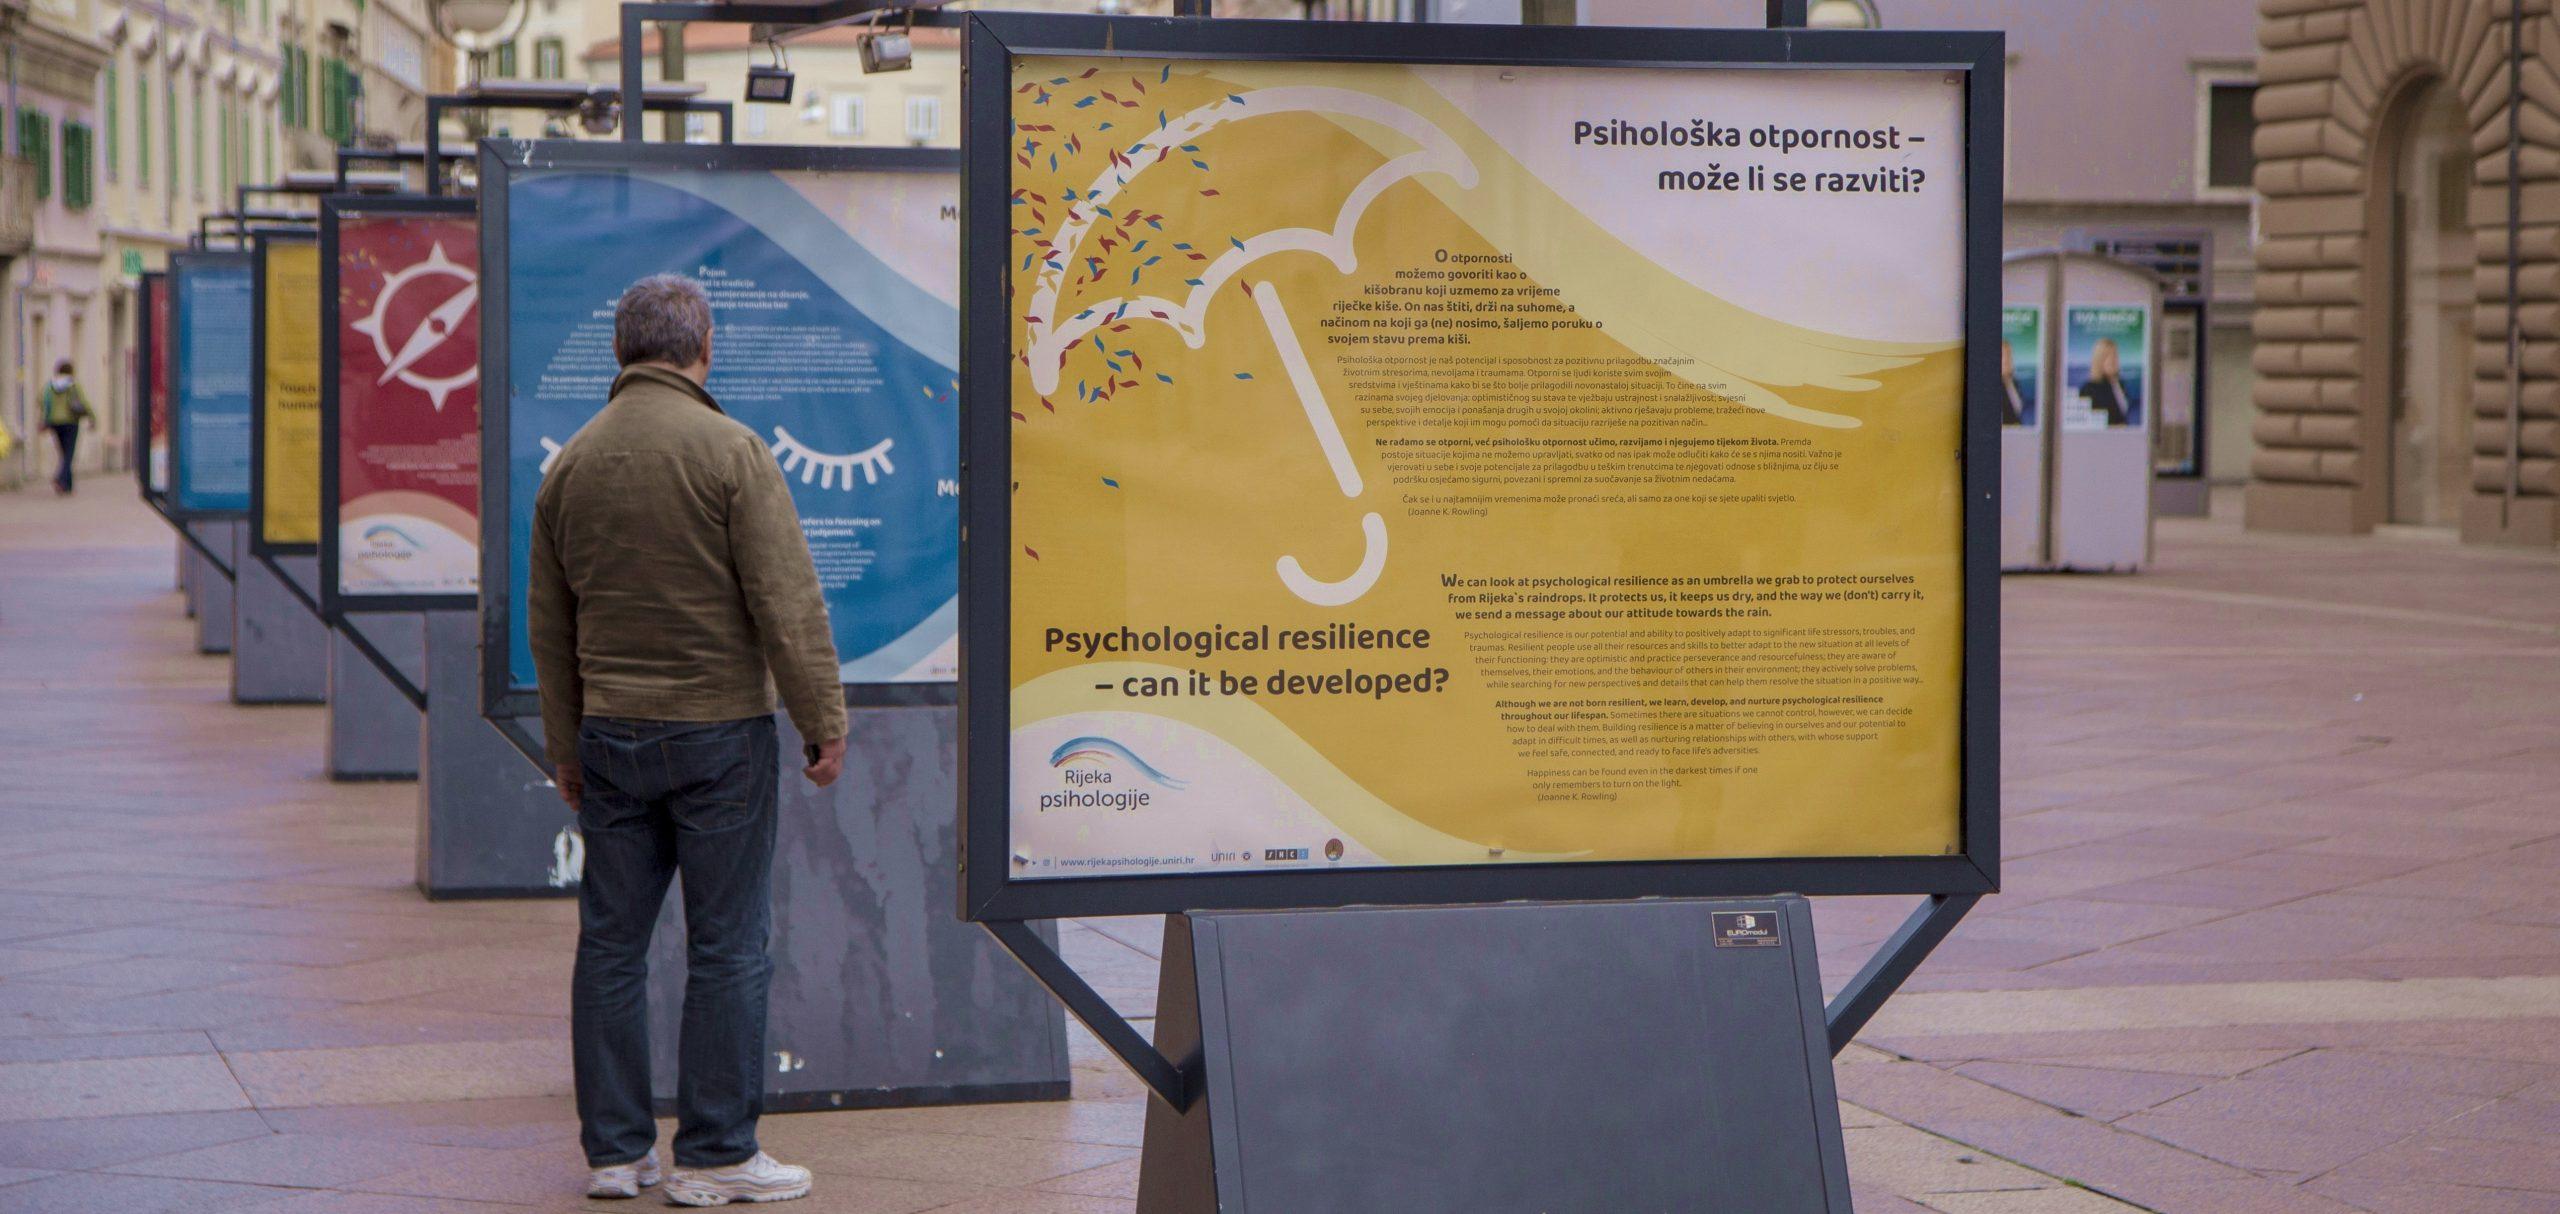 Izložba je postavljena na postamentima na Korzu